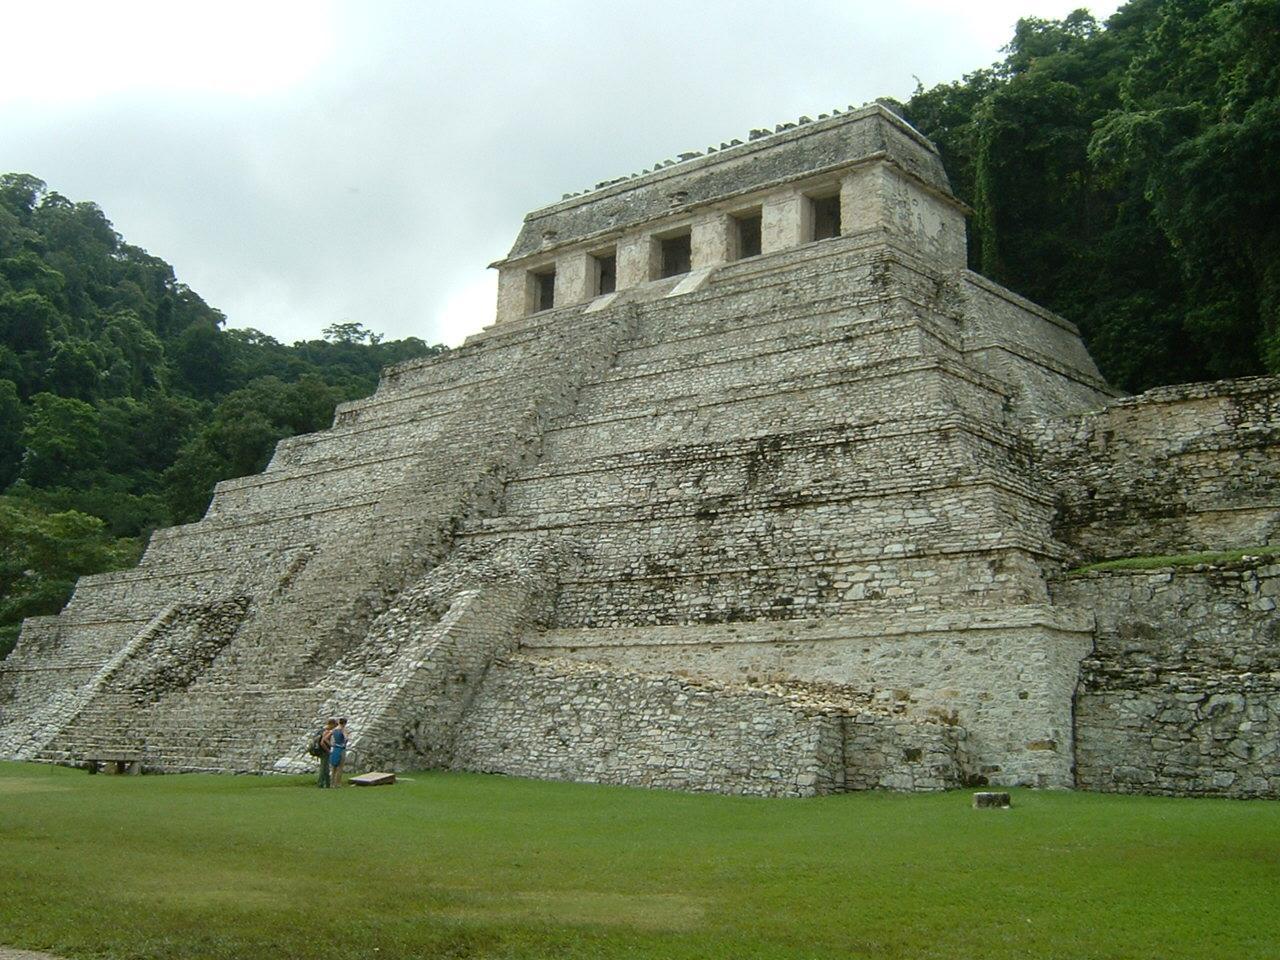 メキシコの代表的マヤ遺跡パレンケに2回目の訪問。